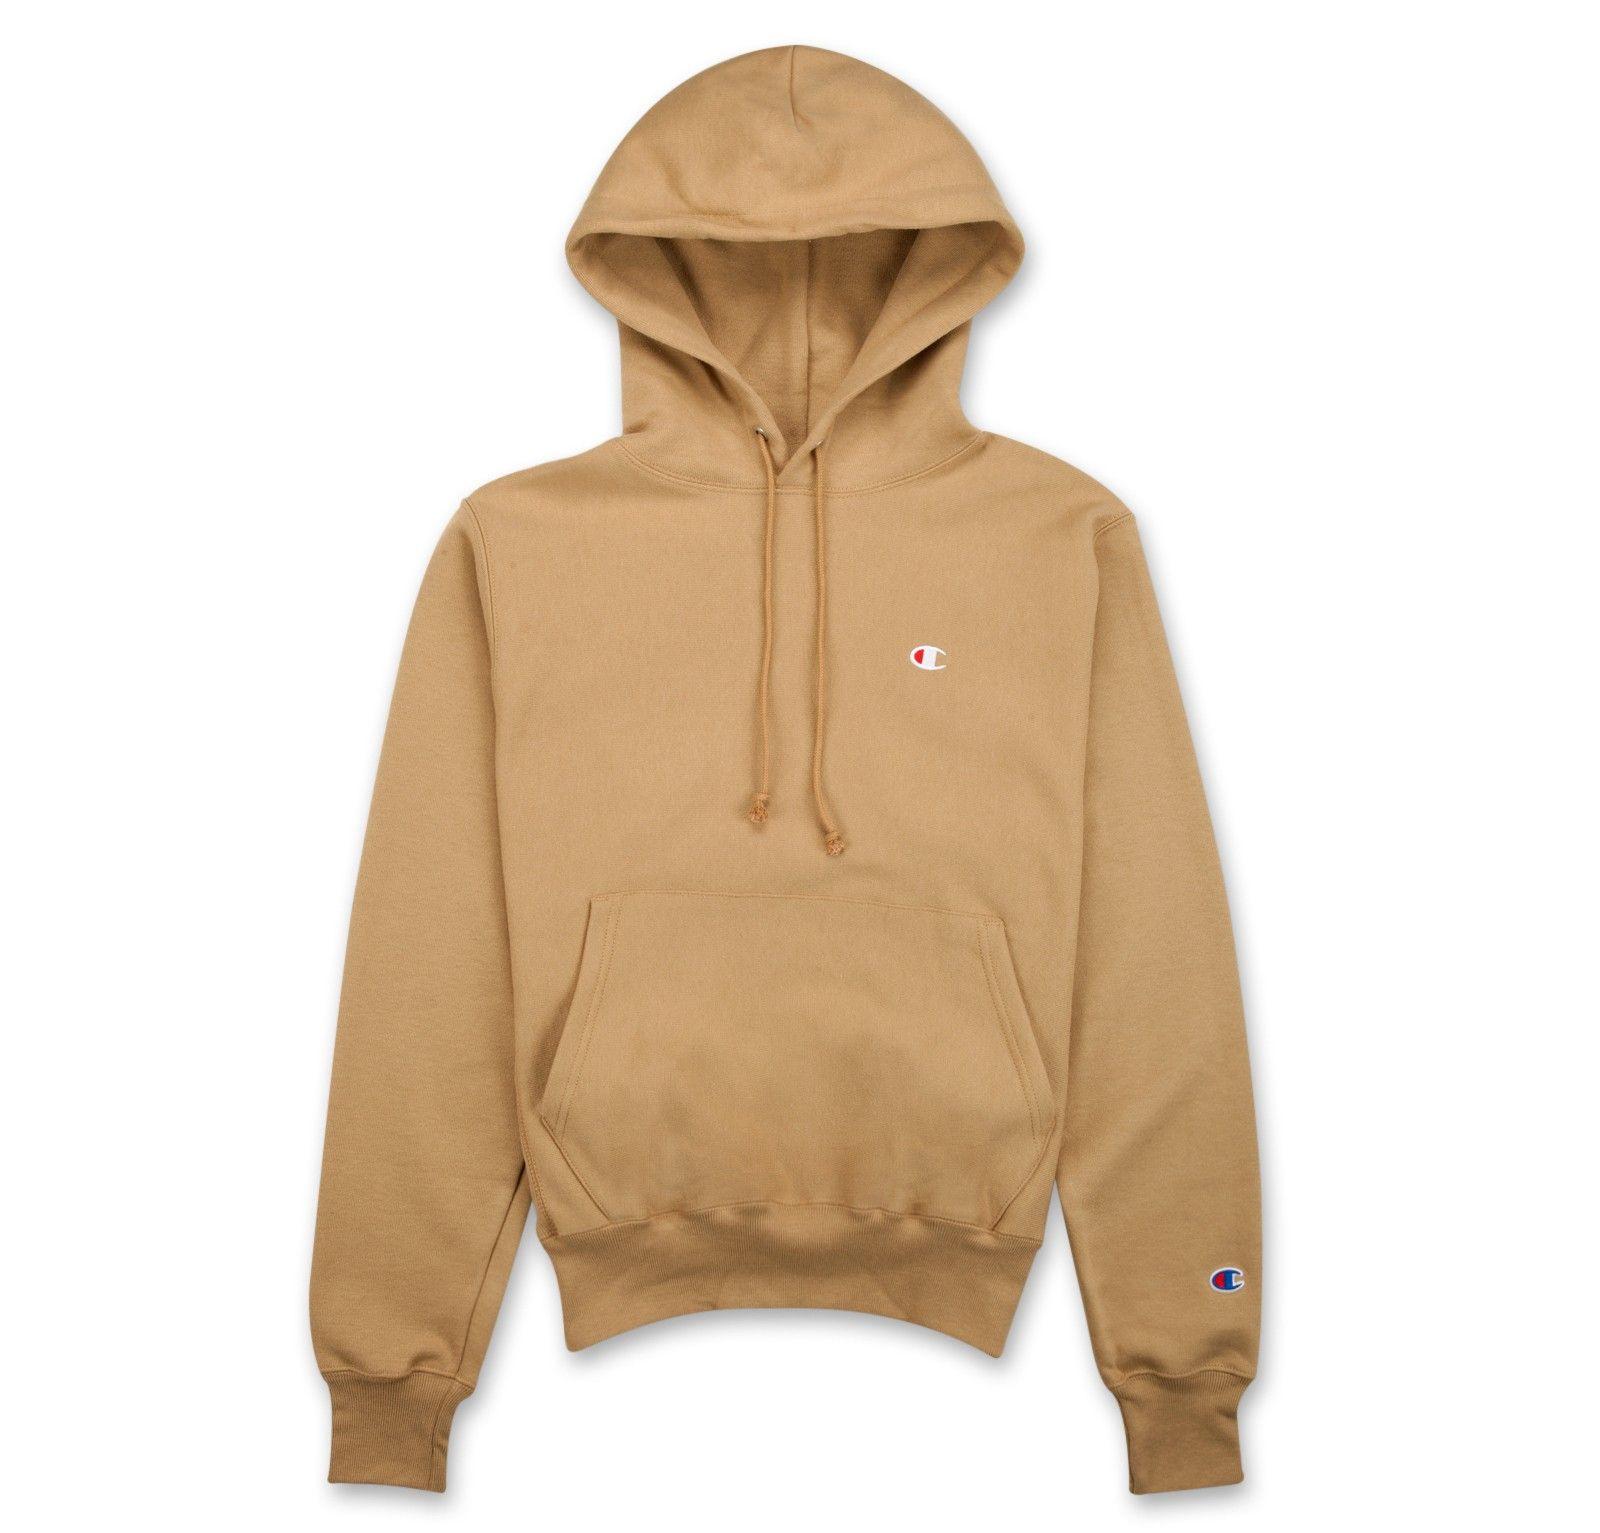 Champion Reverse Weave Hoodie Hoodies Champion Reverse Weave Hooded Sweatshirts [ 1533 x 1600 Pixel ]